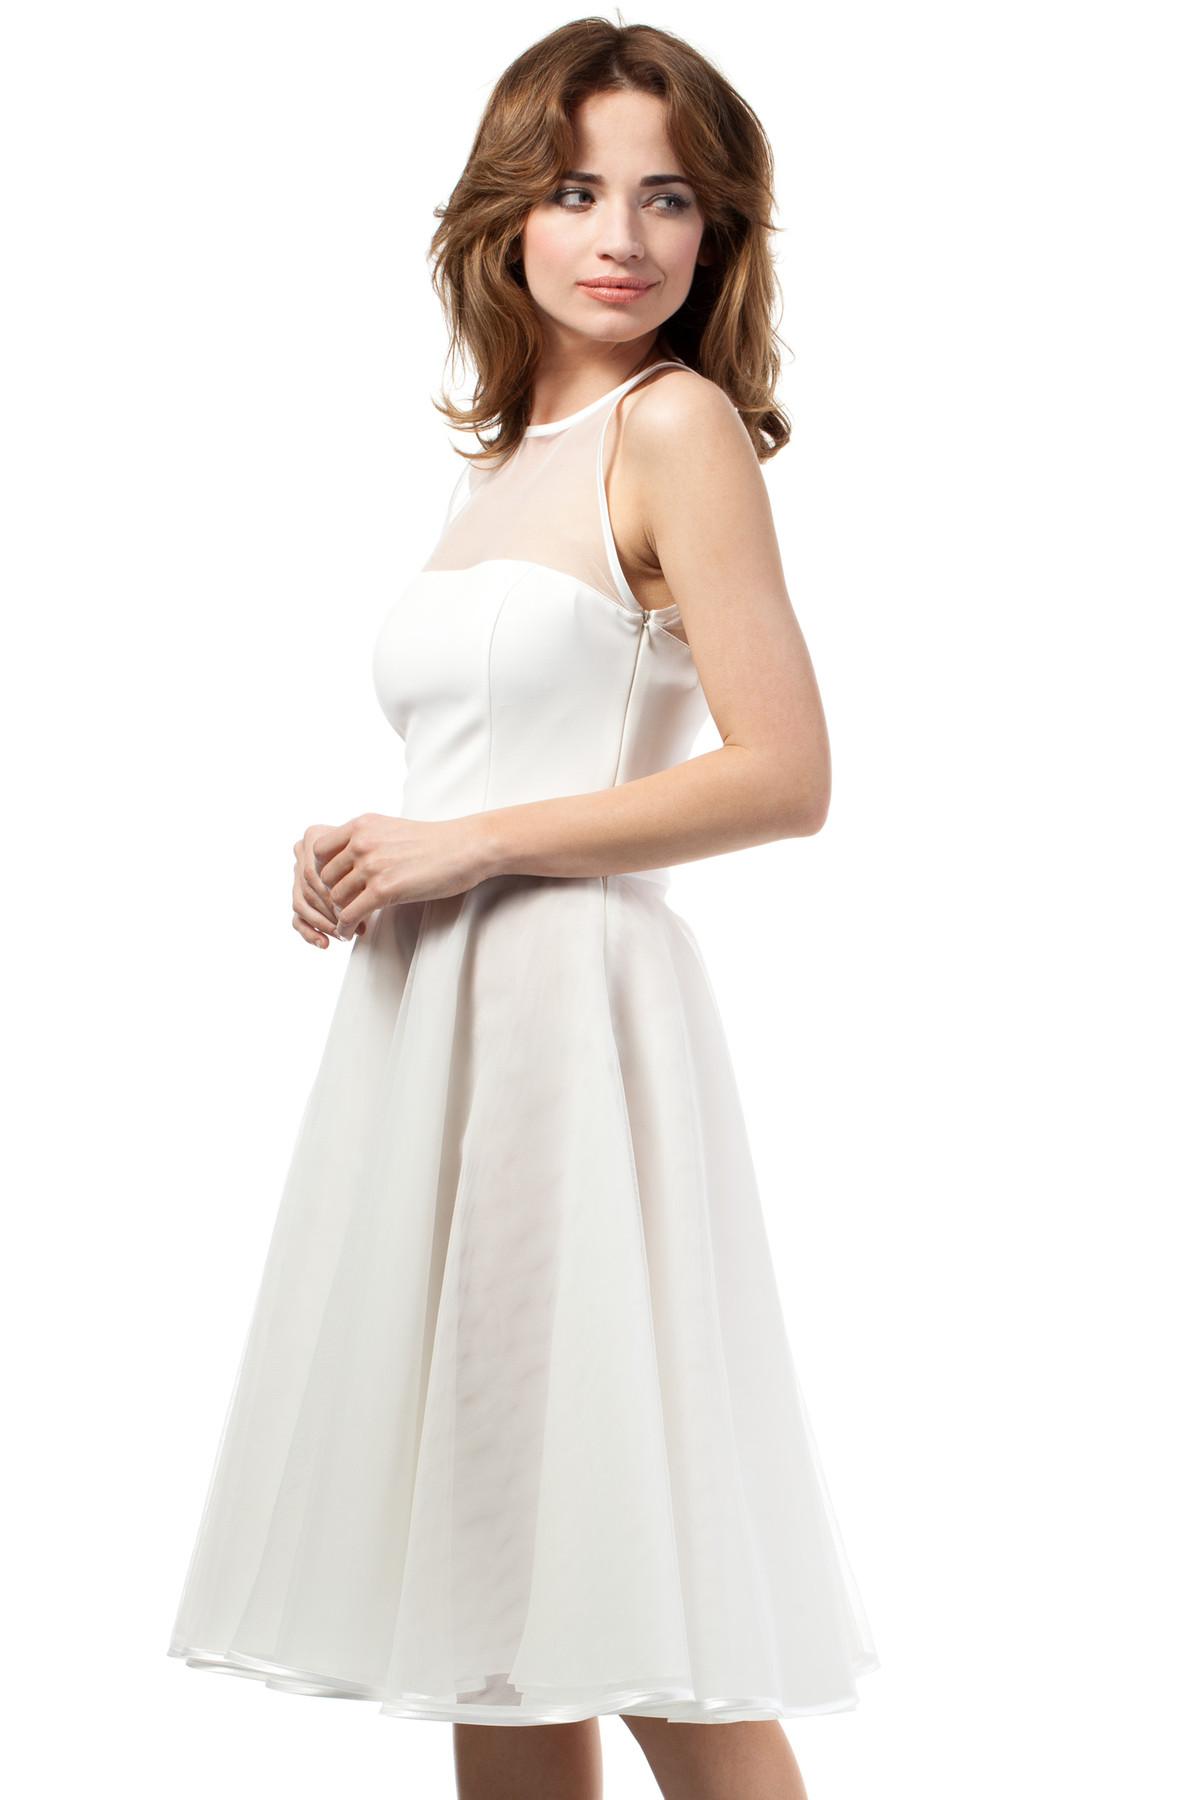 Ungewöhnlich Prom Kleider Größe 14 Fotos - Brautkleider Ideen ...